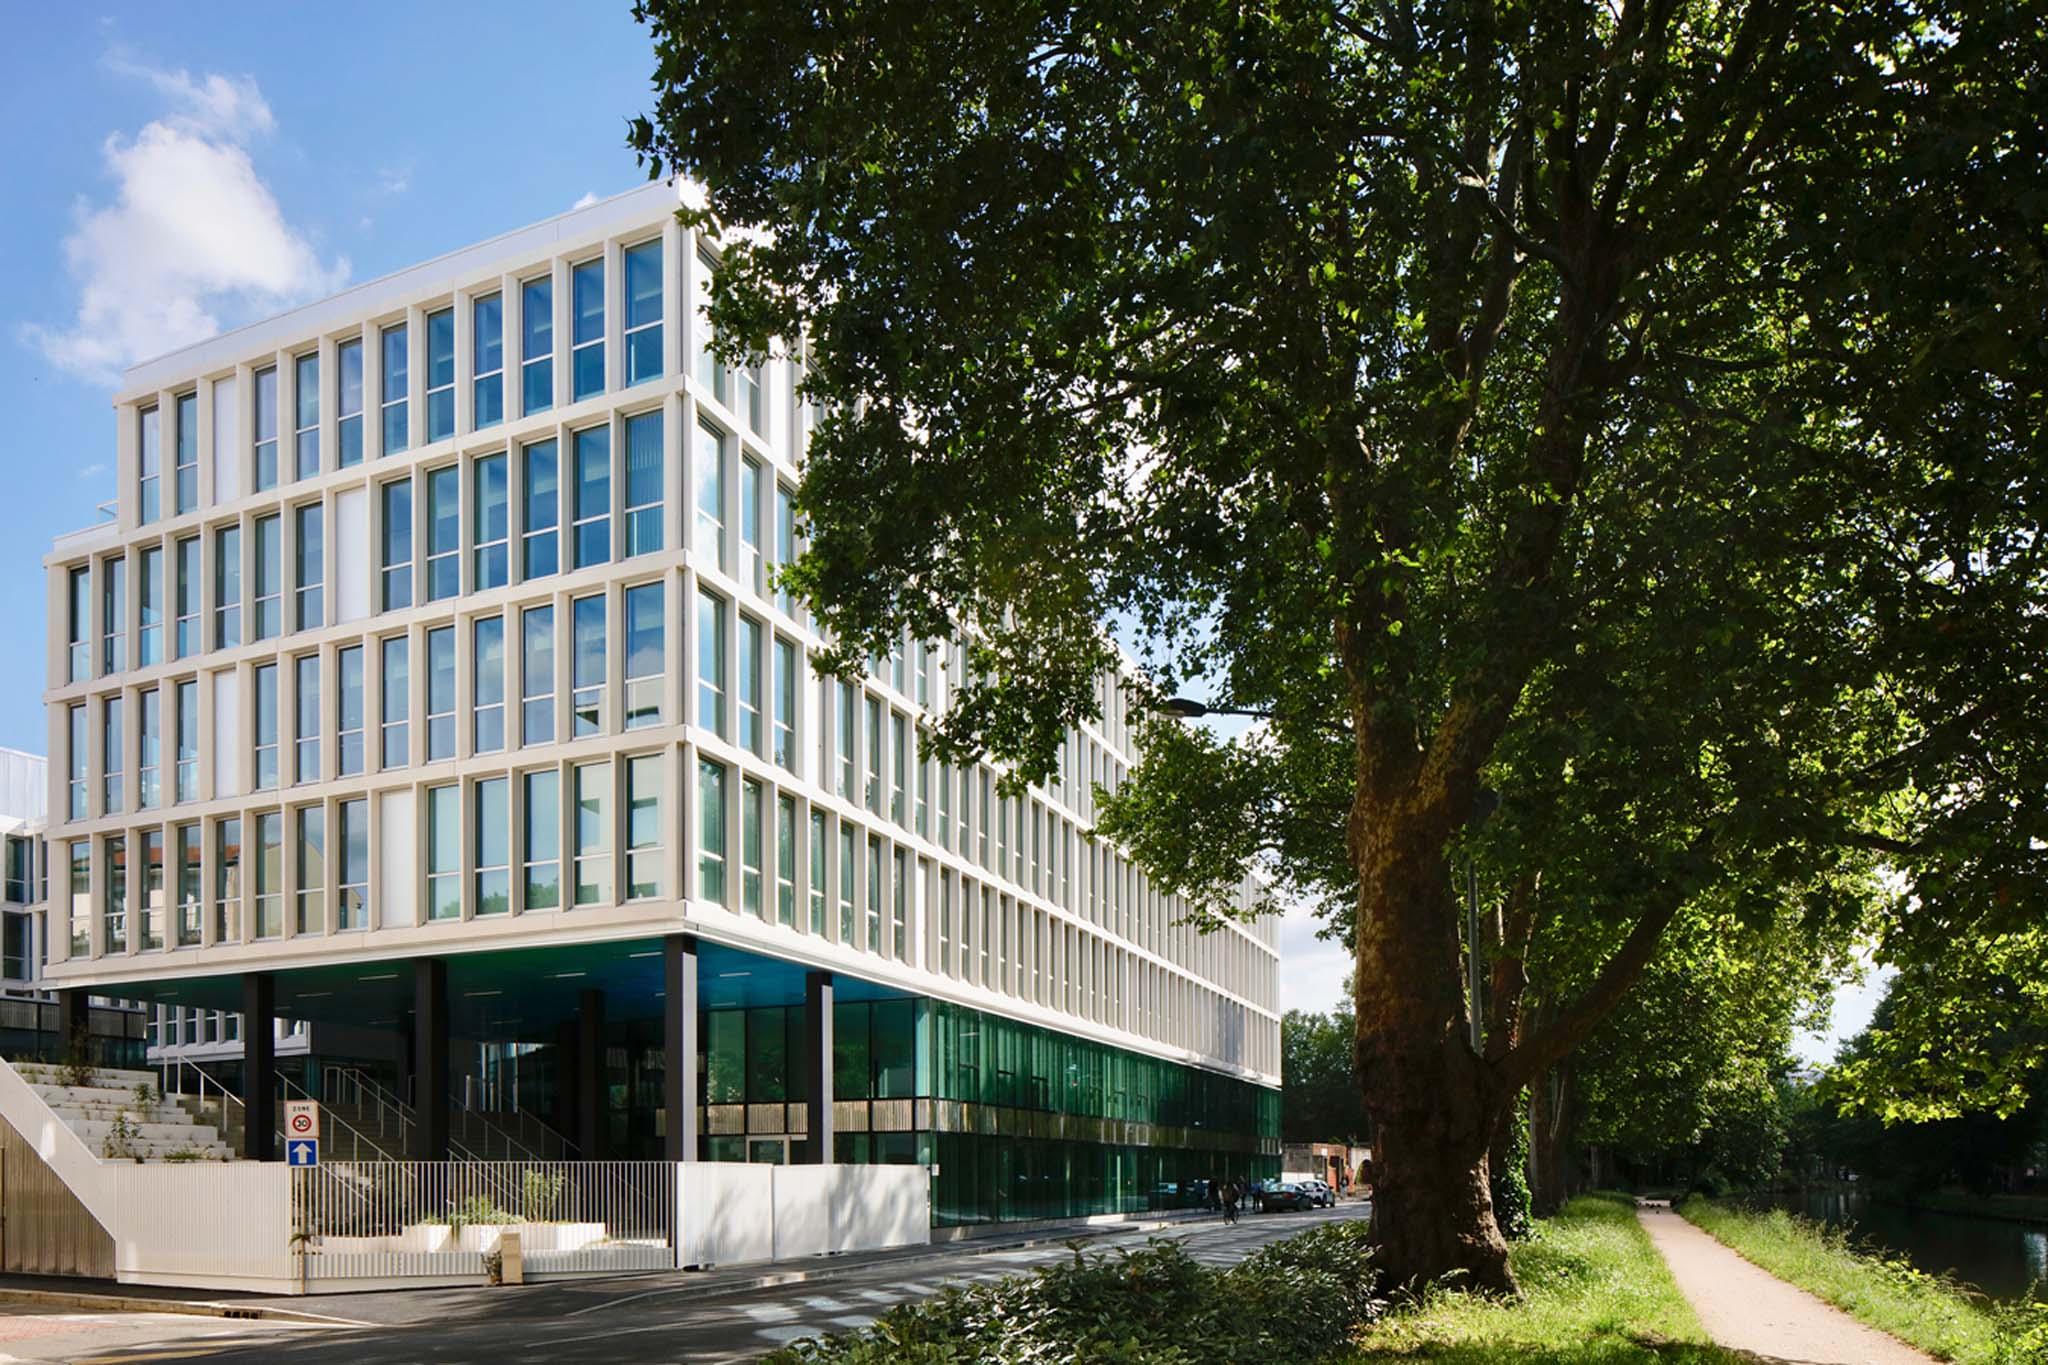 Bureau immeuble architecture immeuble de bureaux bordeaux mcvd architectes realisation - Bureau de change toulouse ...